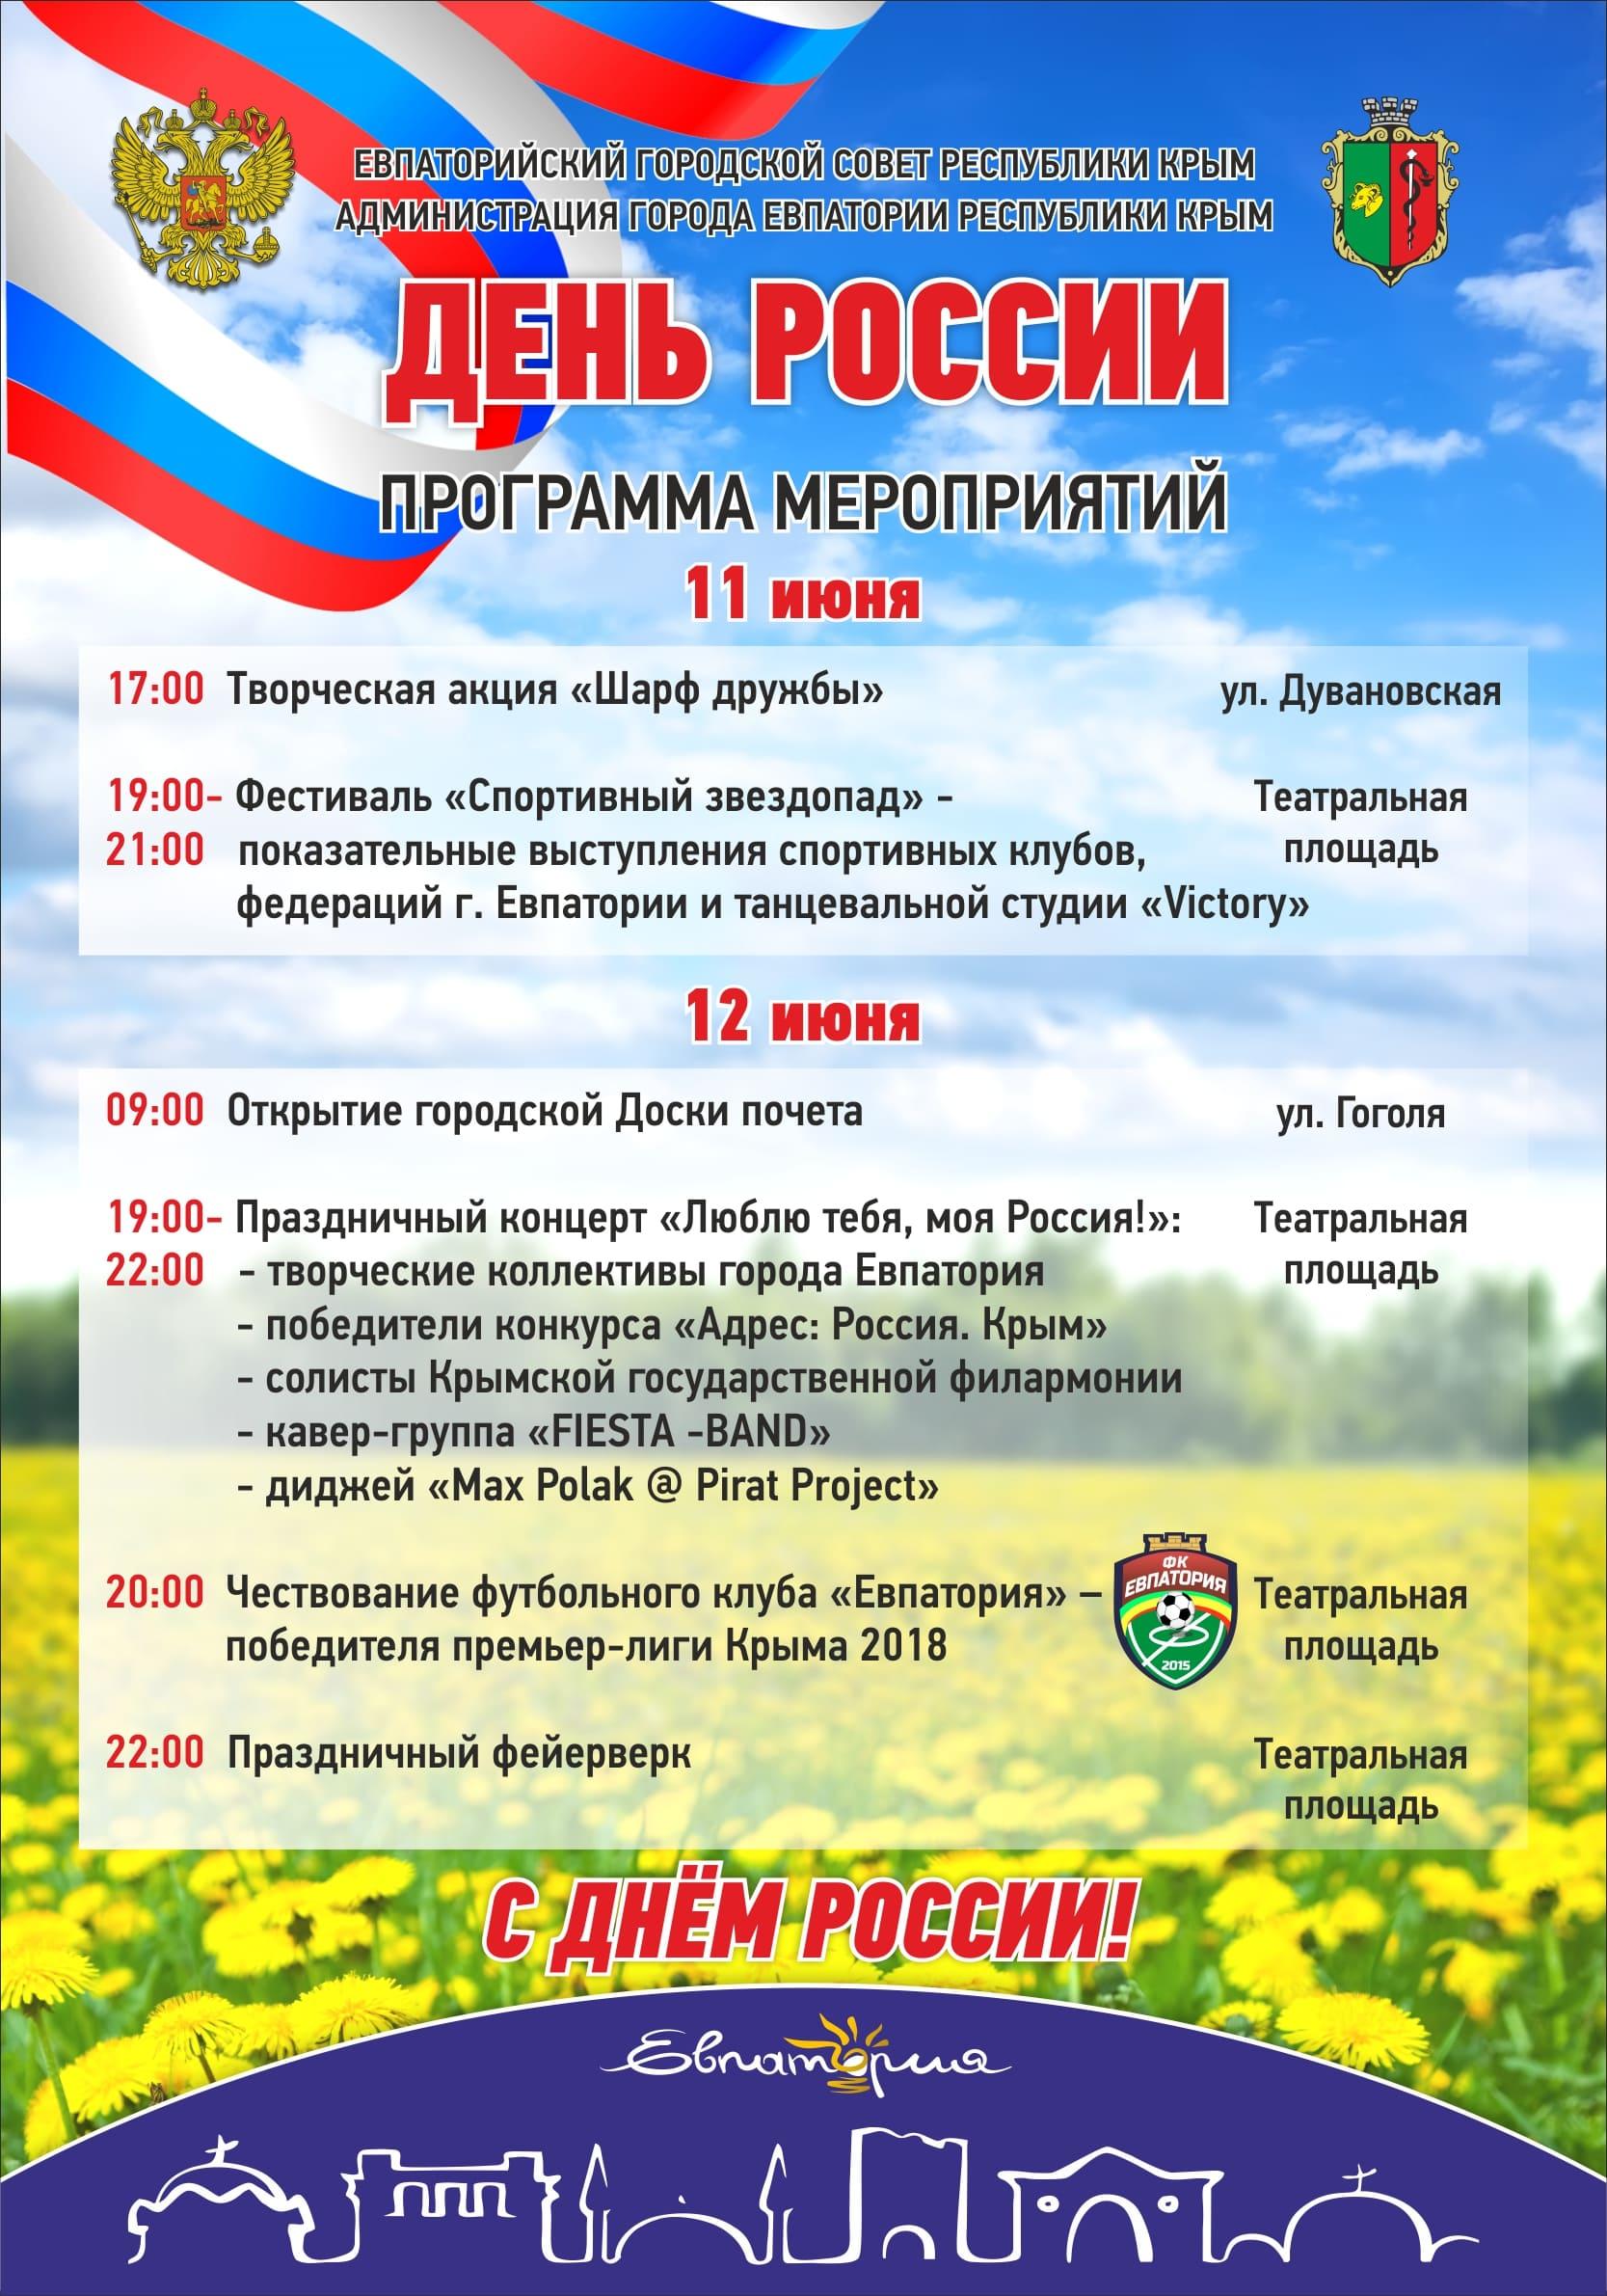 День России 2018 в Евпатории - план мероприятий, салют